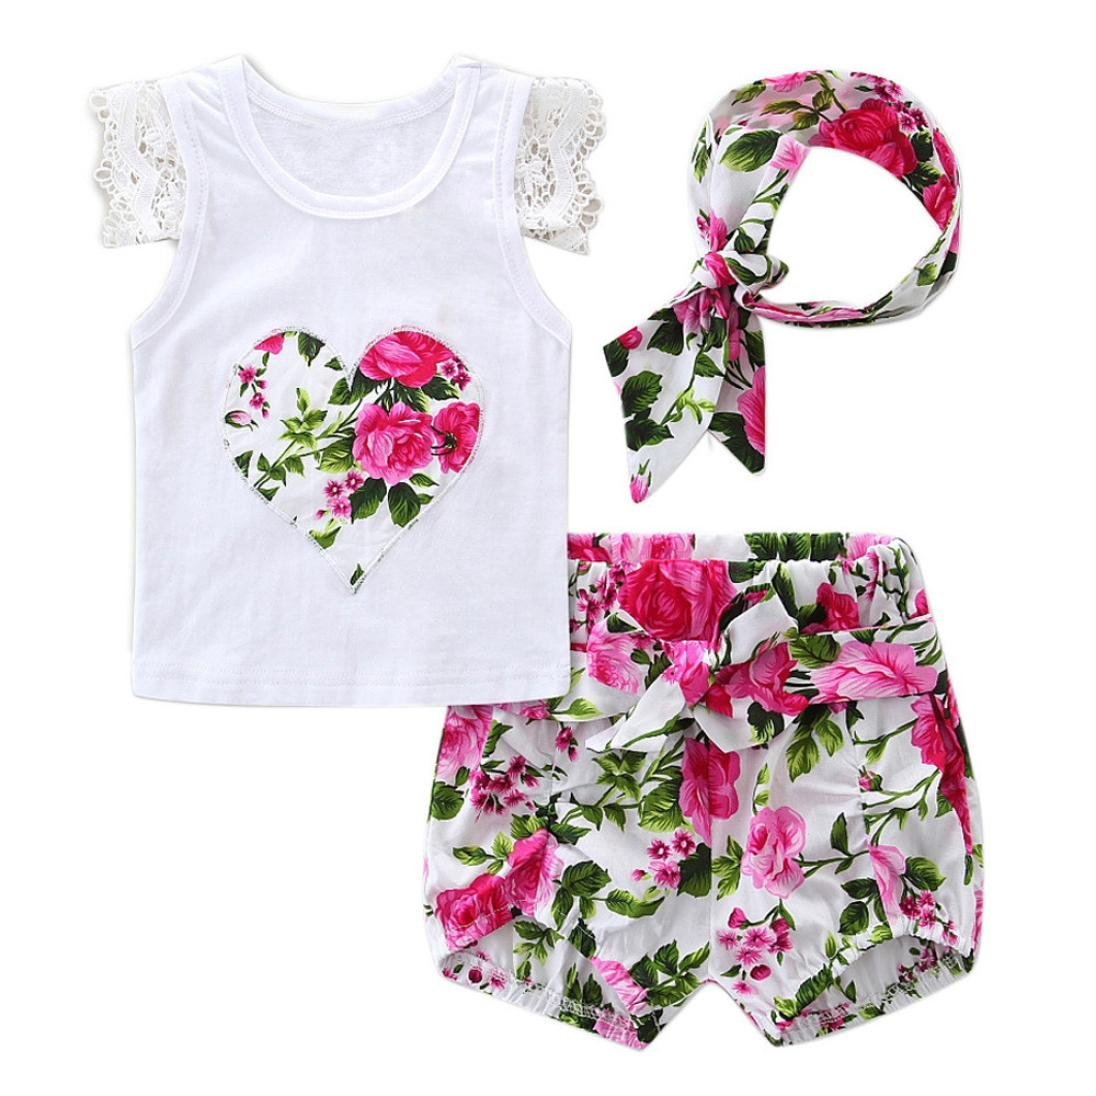 Vestidos Bebé,Switchali Recién nacido Bebé Niña flor Encaje Tops Camiseta+Pantalones cortos+